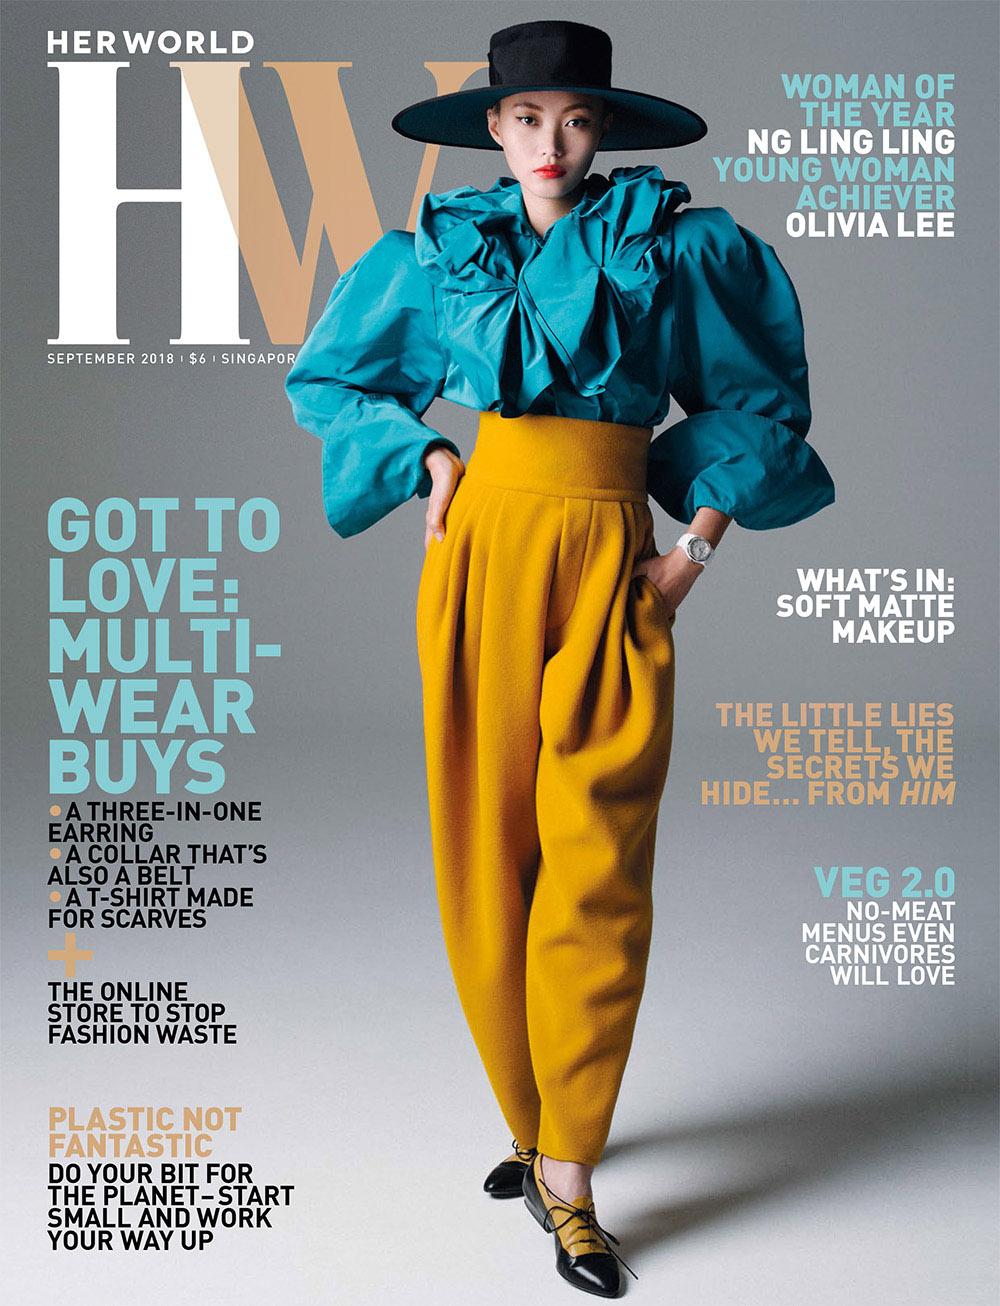 kwp-cover-hw-0818.jpg